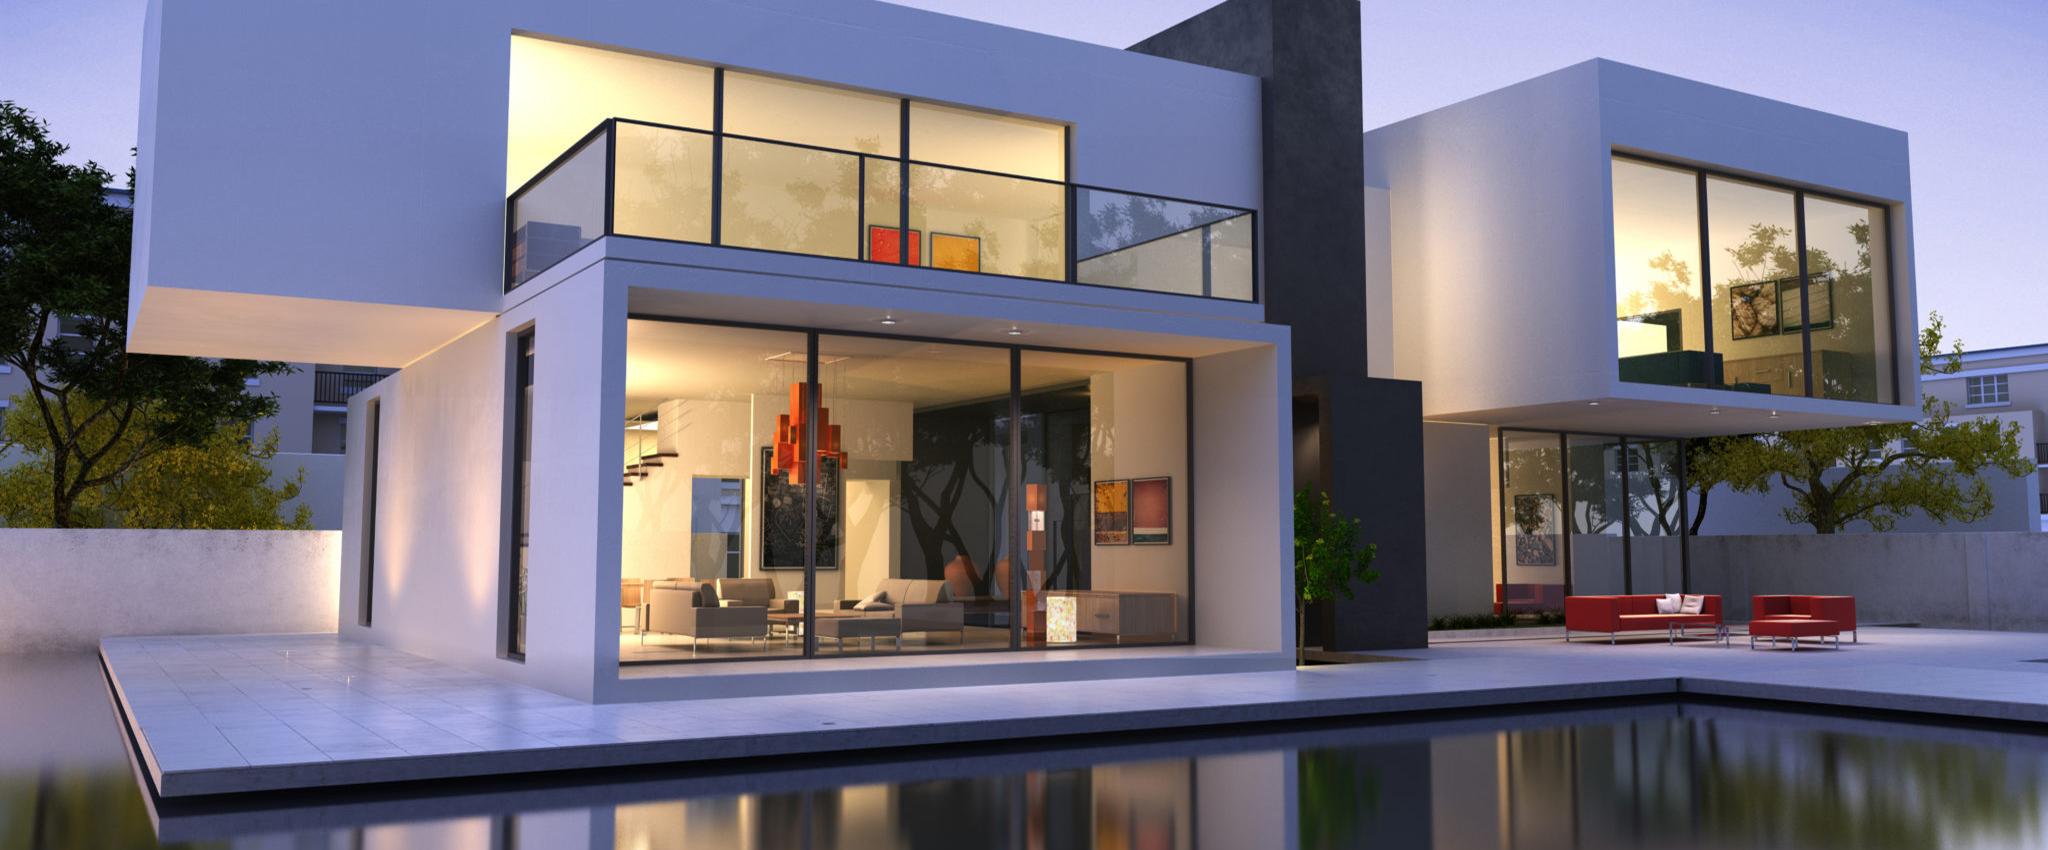 Quanto custa um consórcio de imóveis?